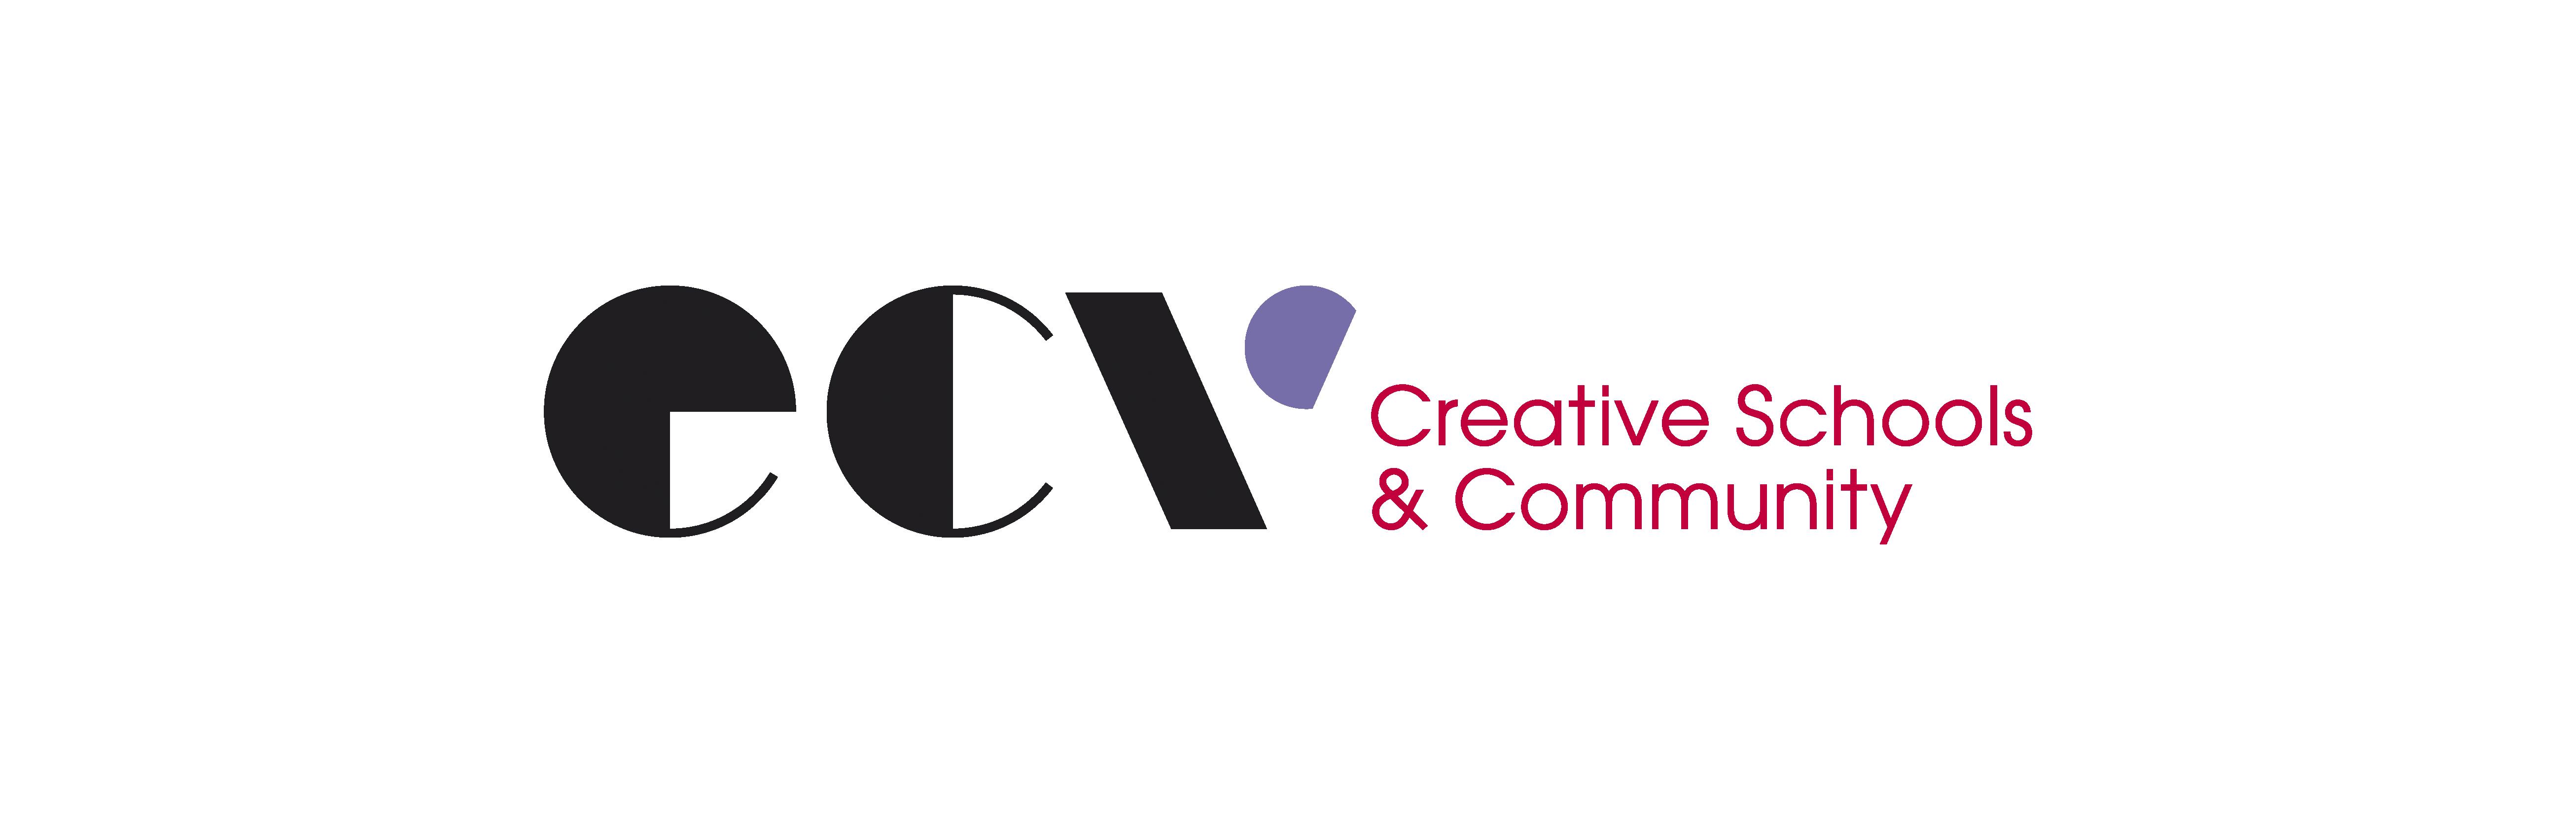 ECV - Prépa Art - Design - Animation 2D/3D